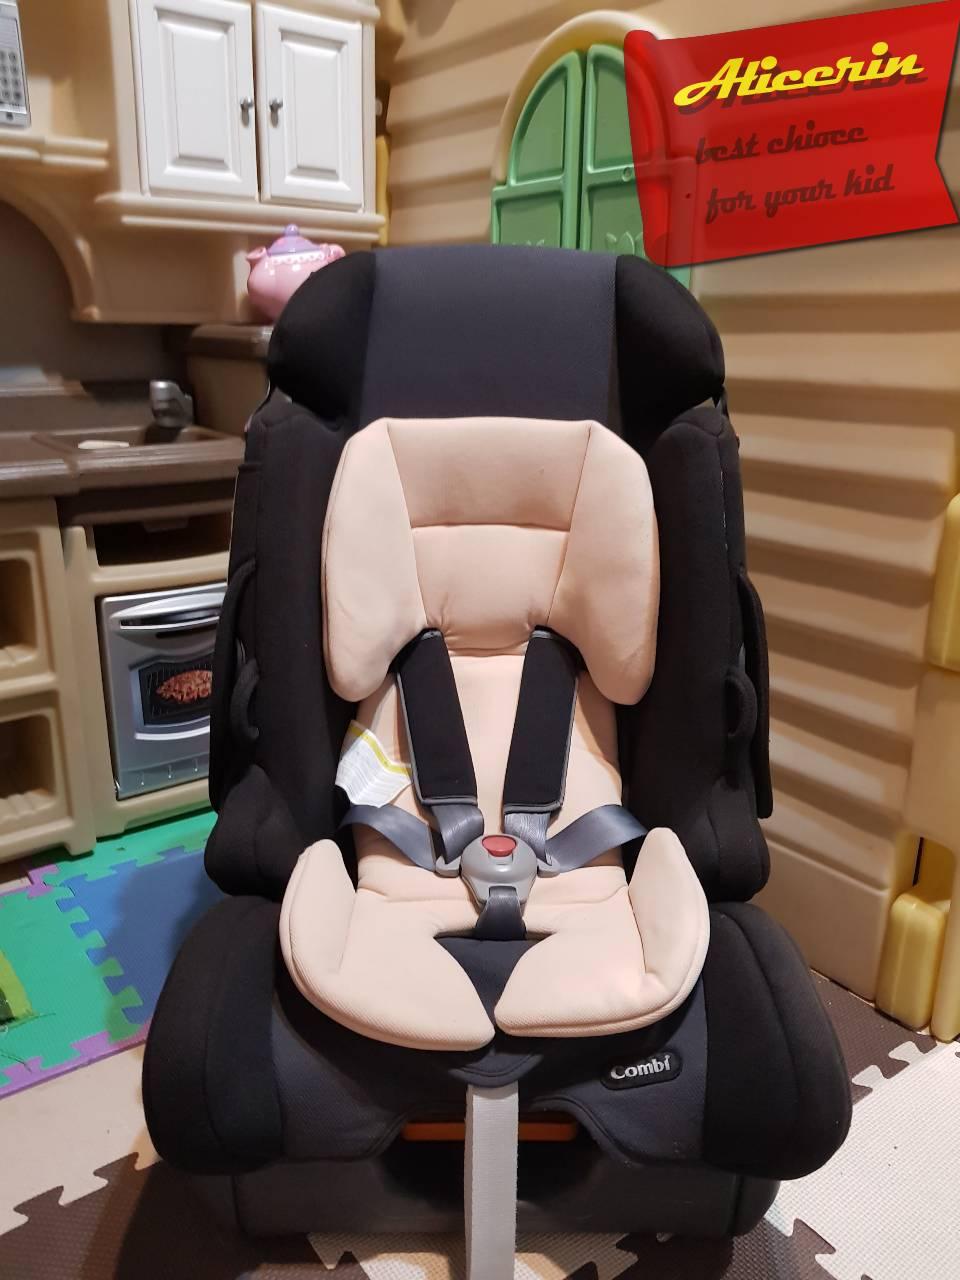 คาร์ซีท Combi : Prim long S BK สำหรับเด็กแรกเกิด-7ขวบ พร้อมเบาะเสริมแท้